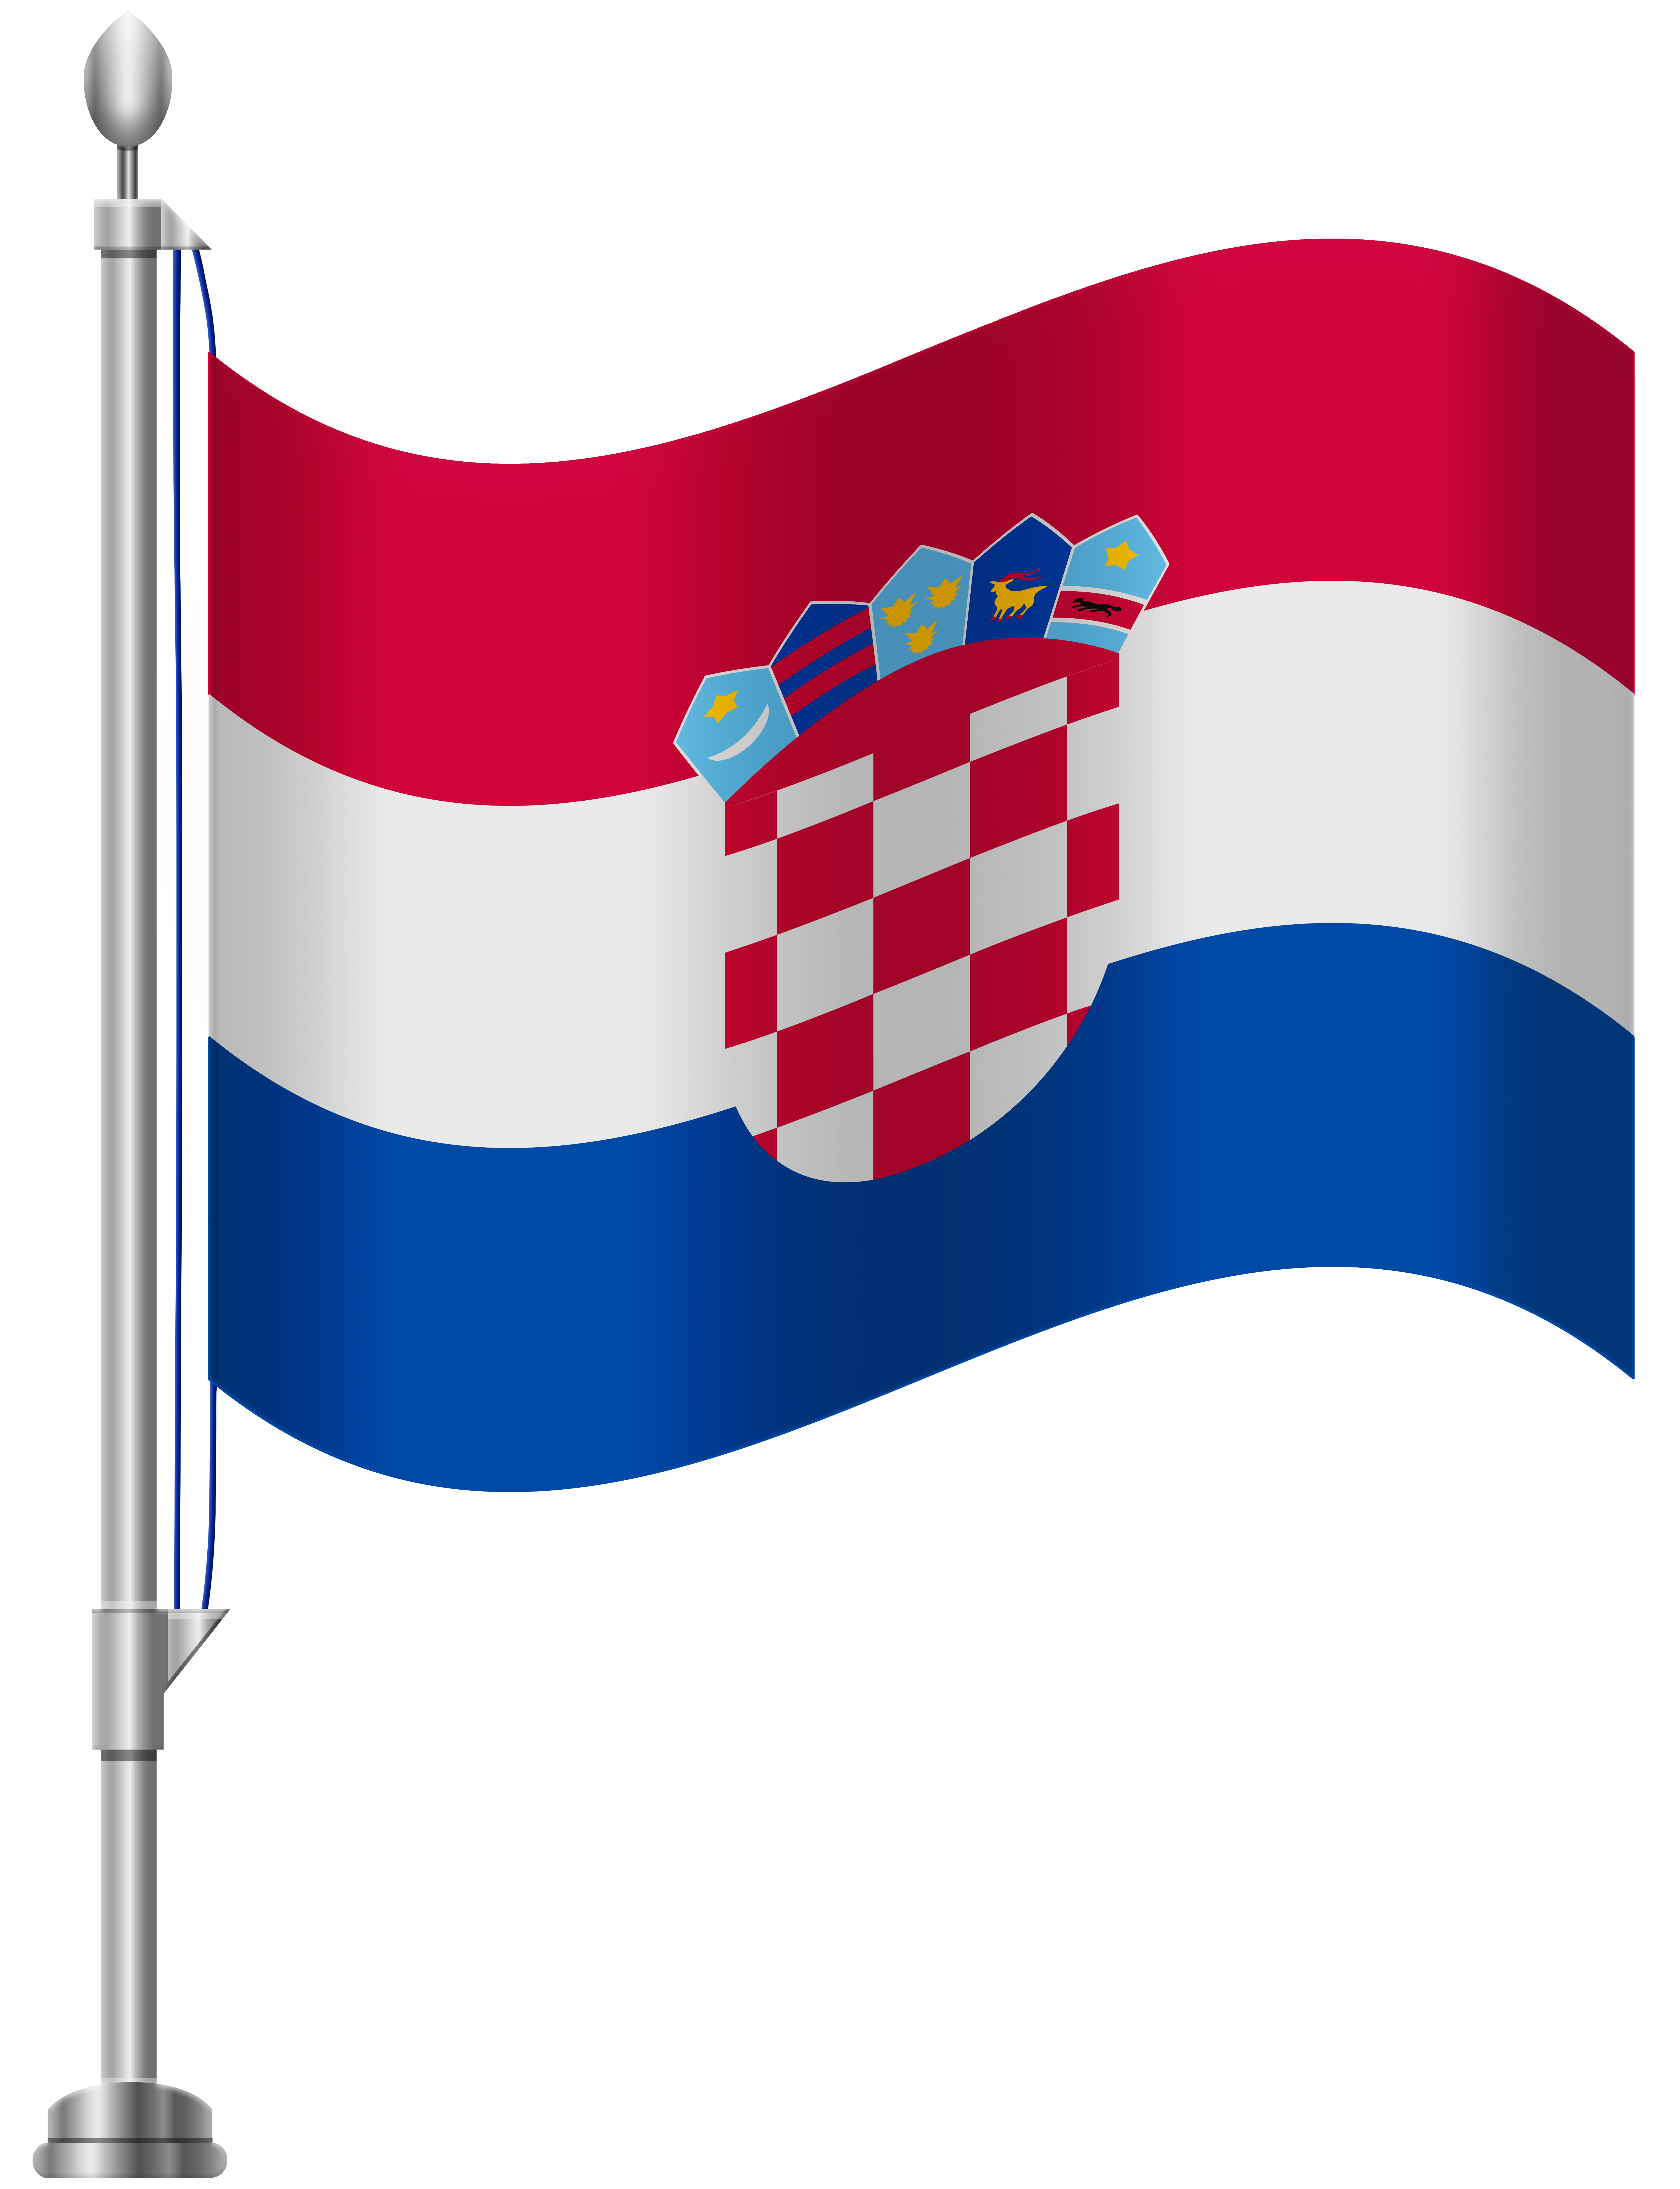 6141x8000 Croatia Flag Png Clip Art